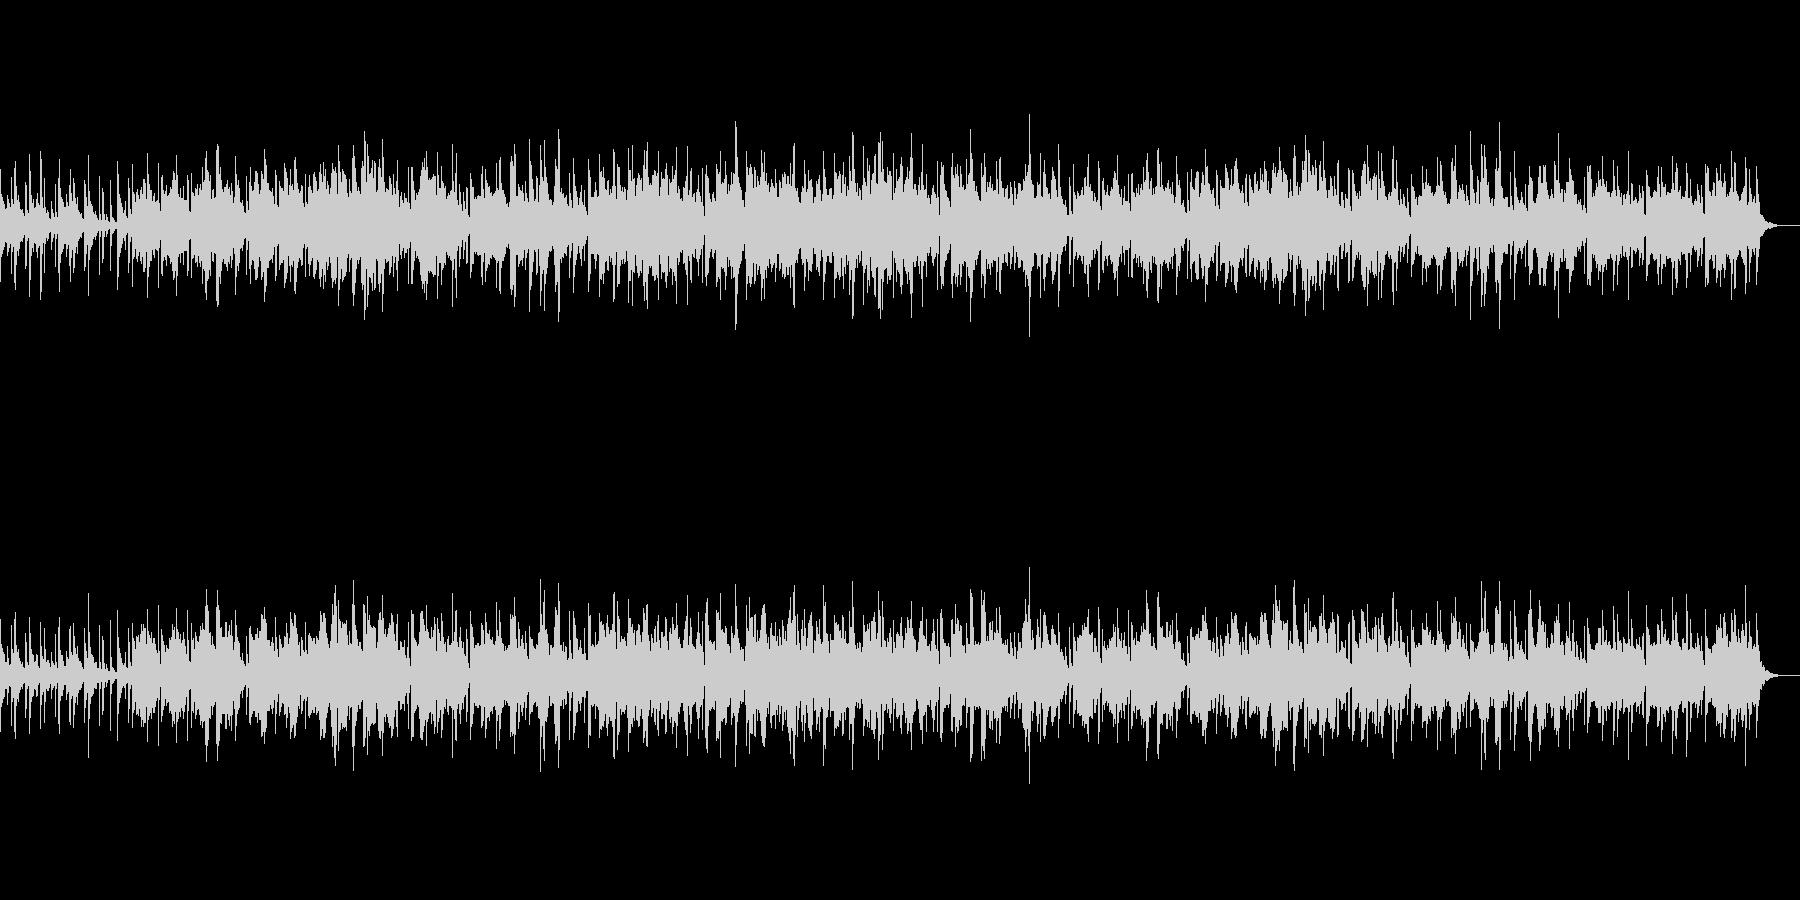 まったりとしたボサノバの未再生の波形